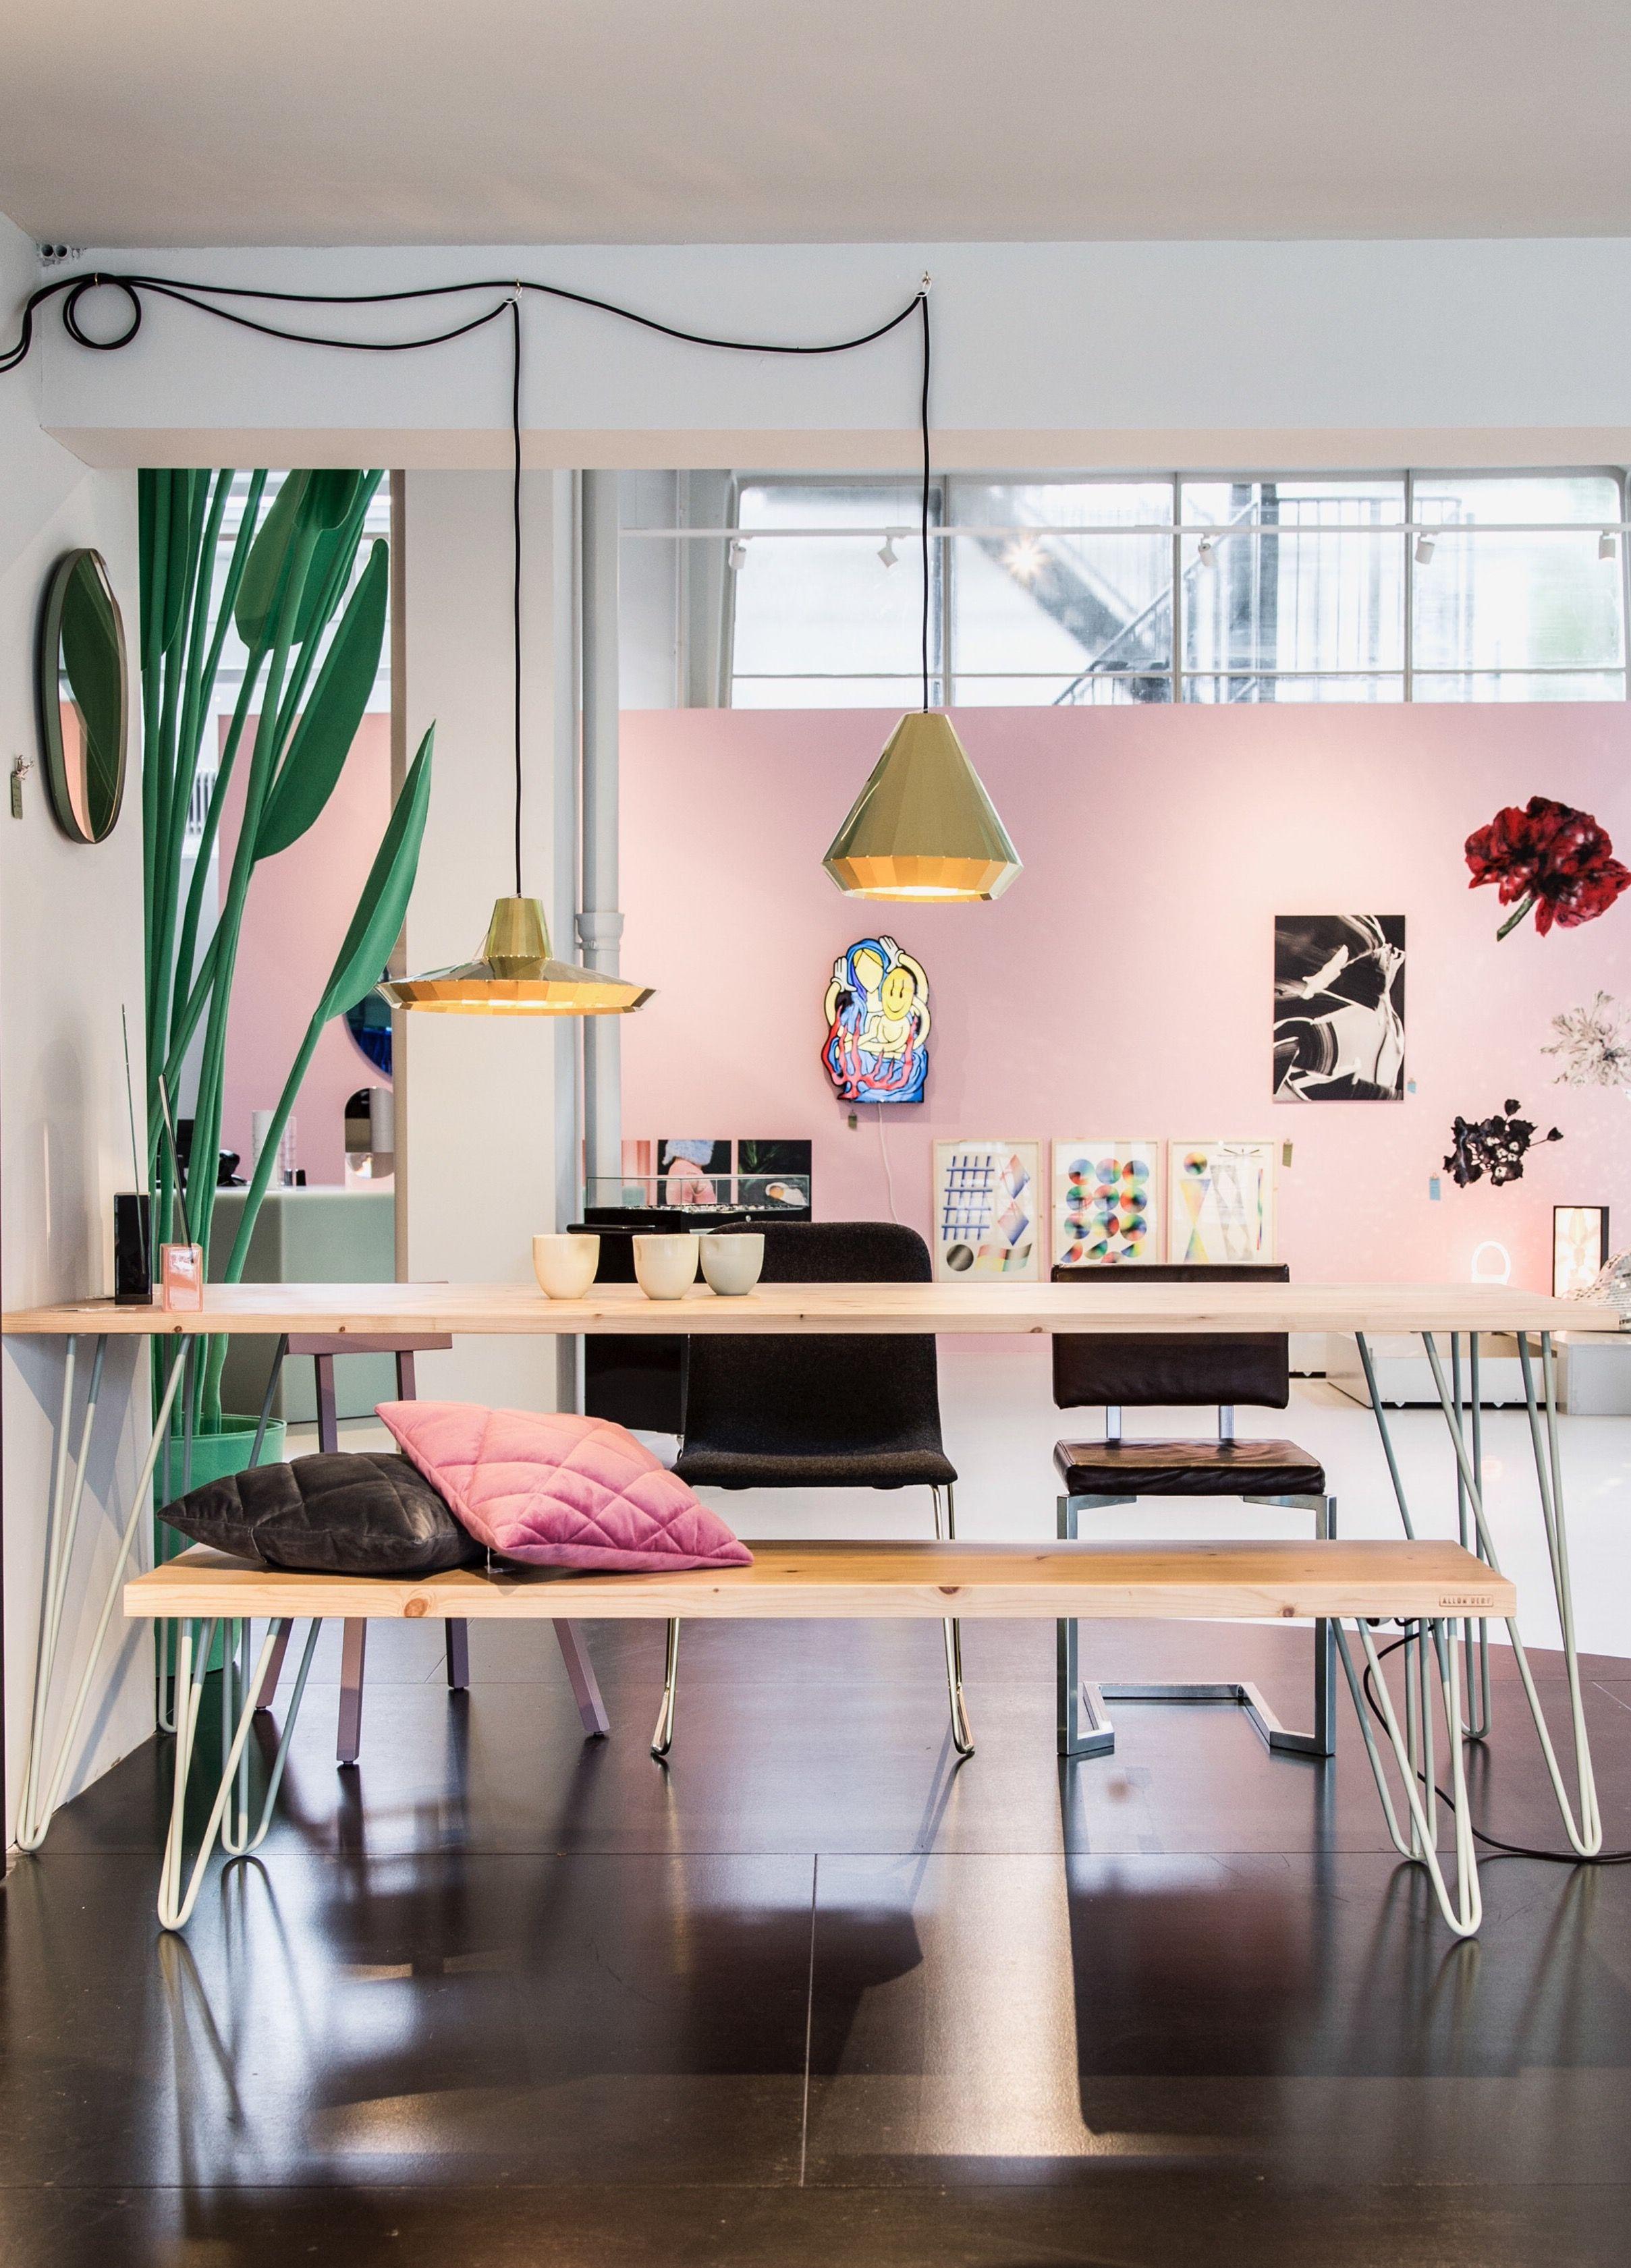 Licht eiken eettafel van allon dery interieur eetkamer allondery groos rotterdam tafel bankje inspiratie roze